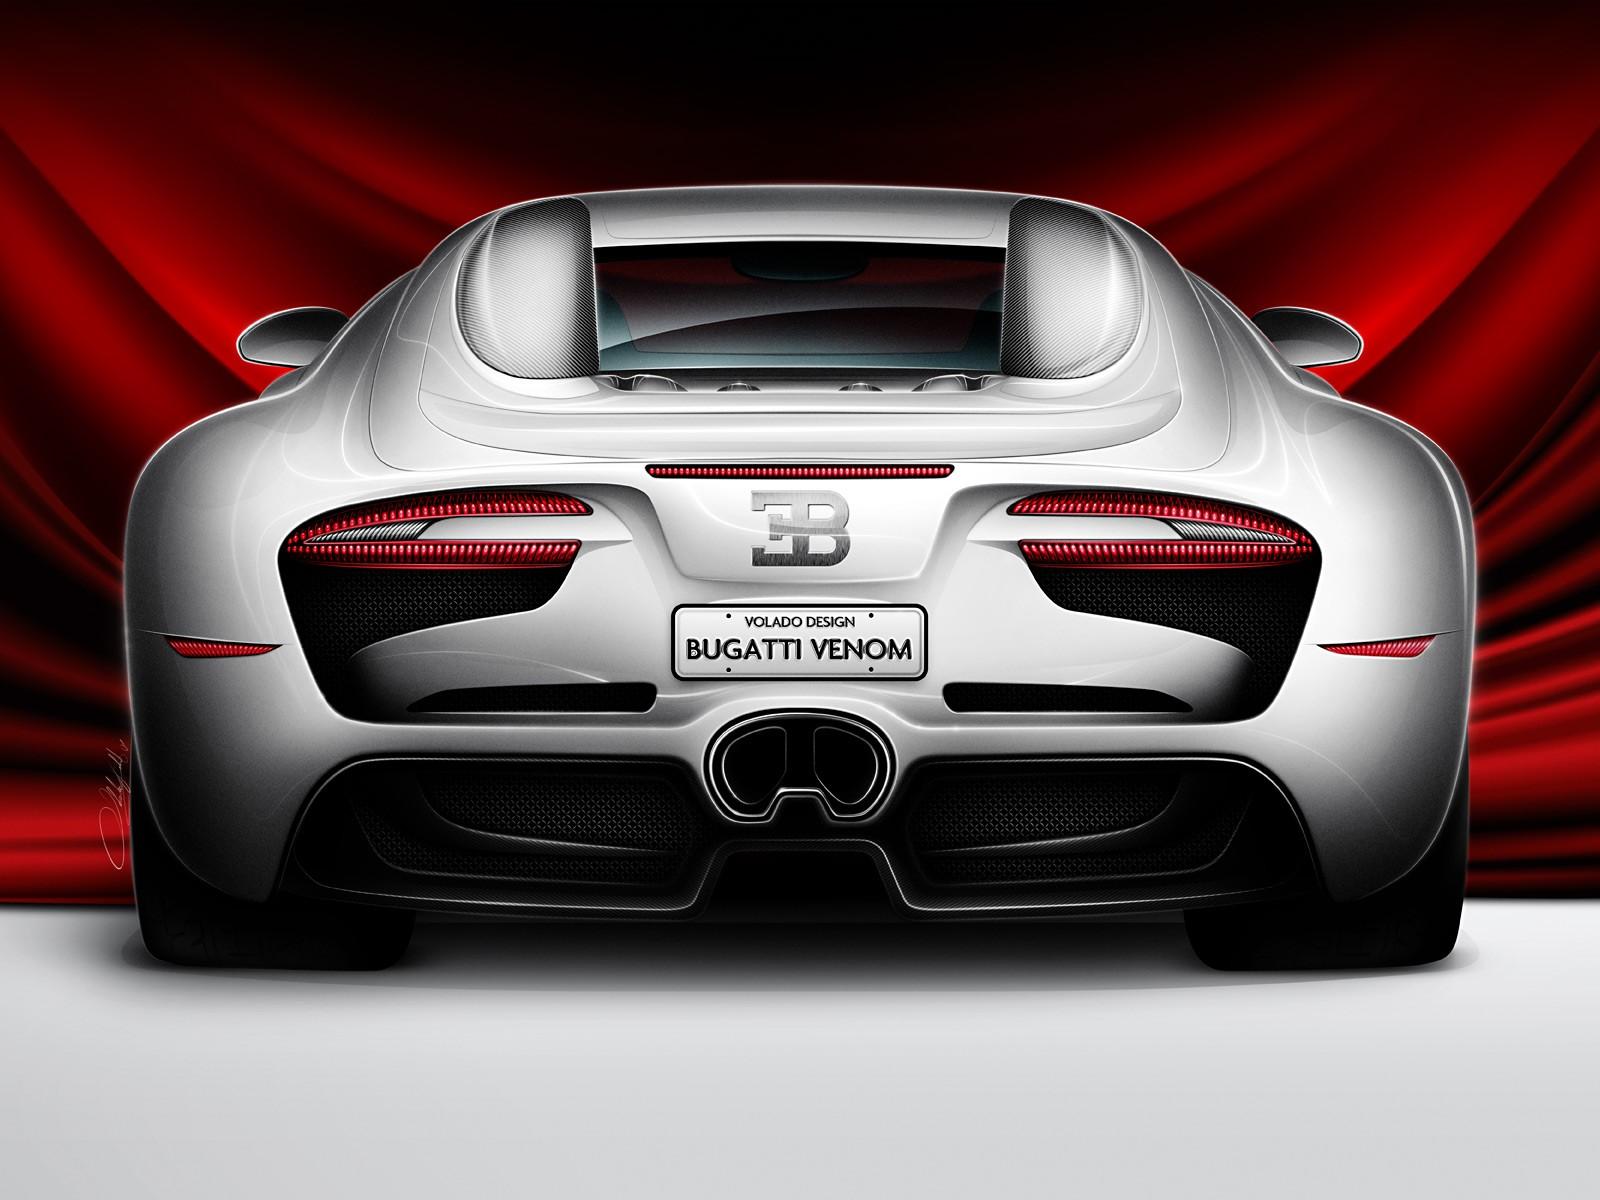 Bugatti Venom Concept Volado Design back 12685 Wallpapers Of Cars Hd